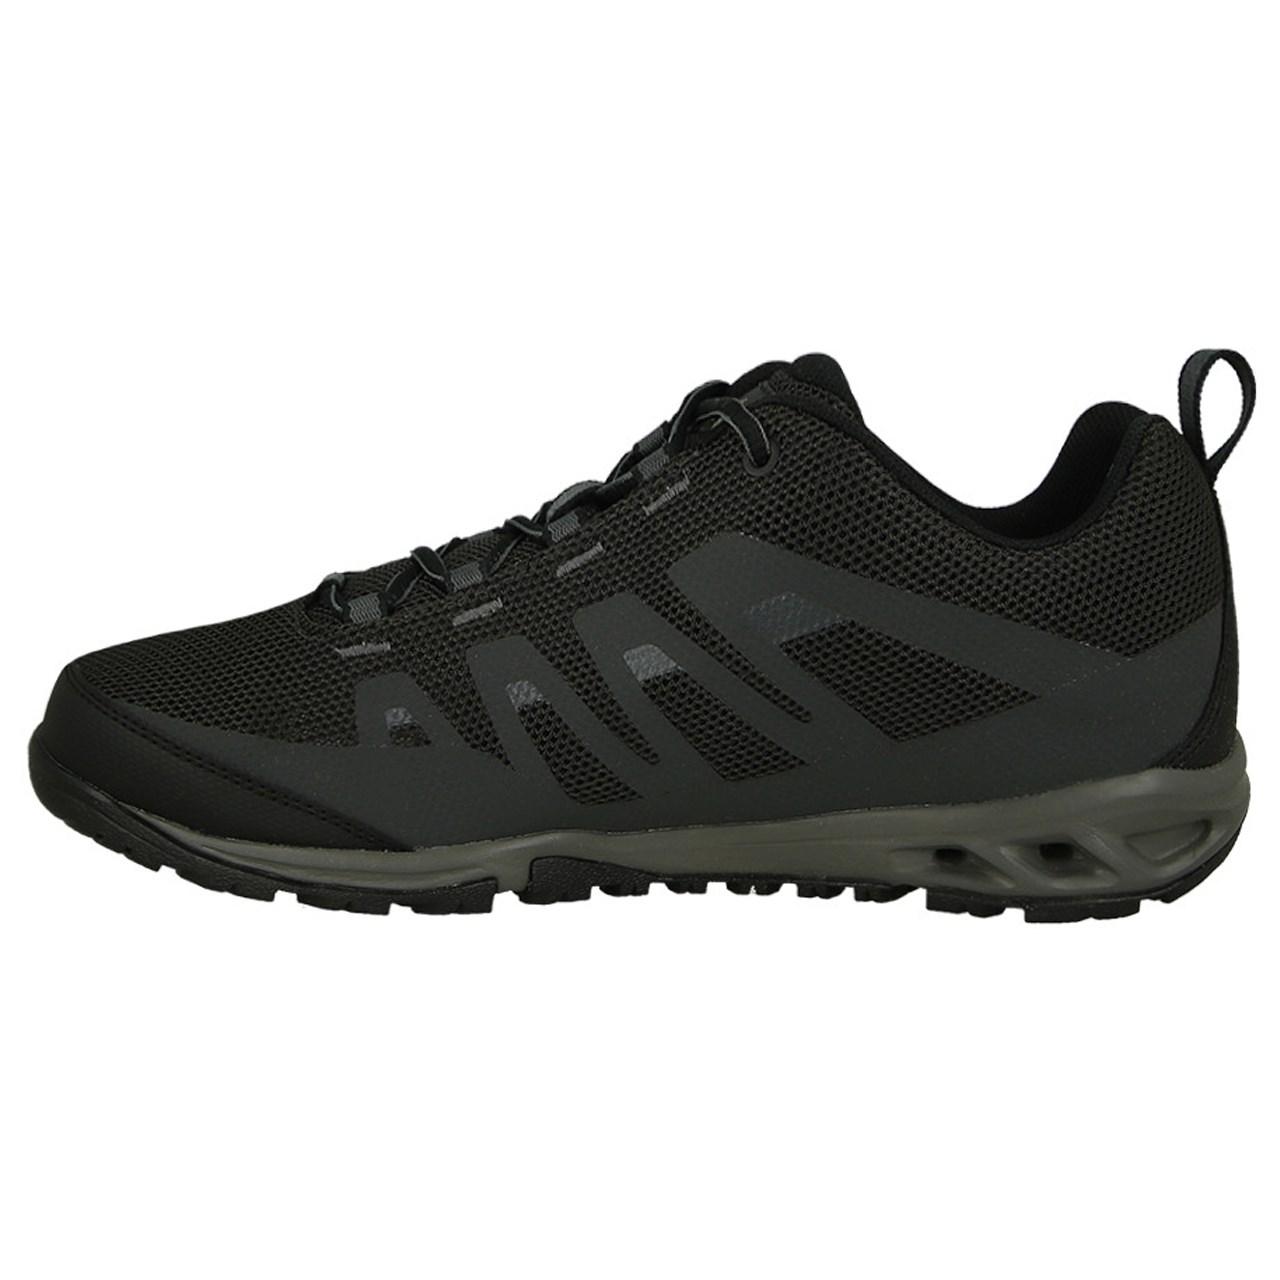 قیمت کفش مخصوص دویدن مردانه کلمبیا مدل BM 4524-010